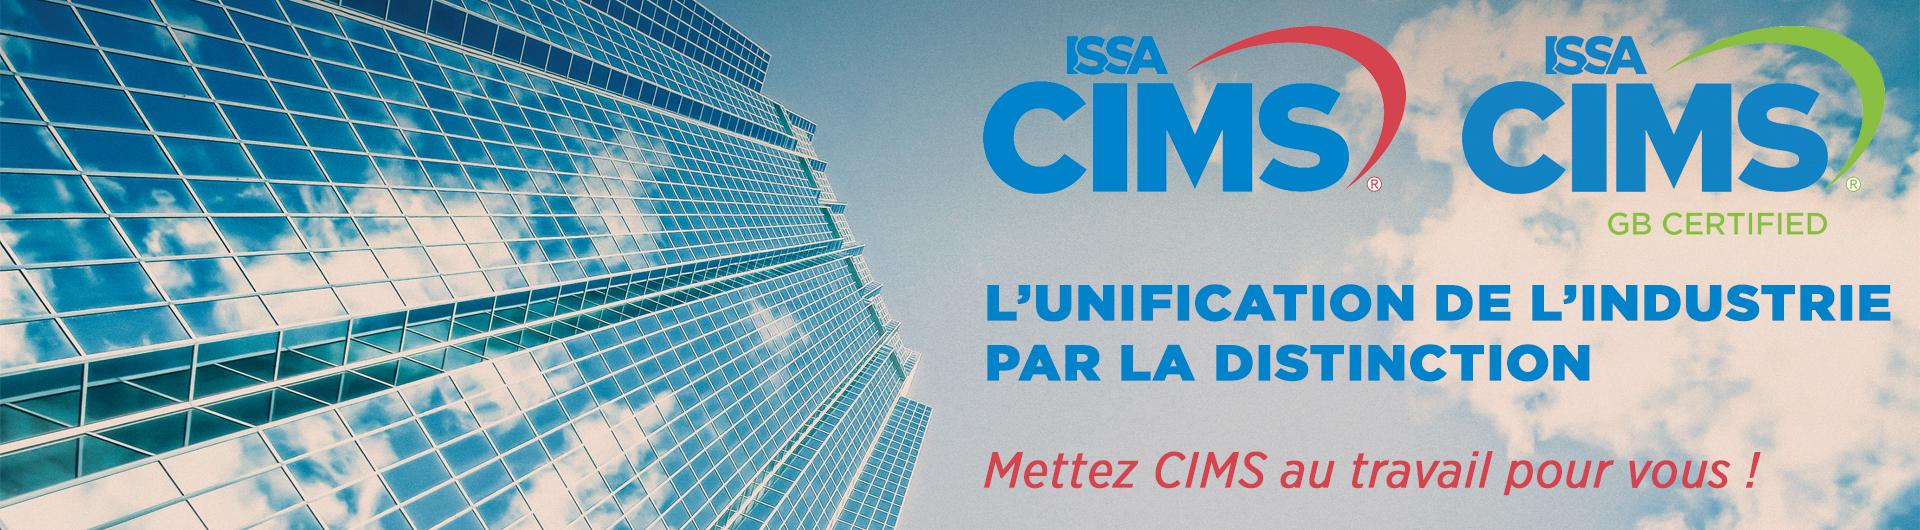 Lunification De Lindustrie Par La Distinction Issa Canada